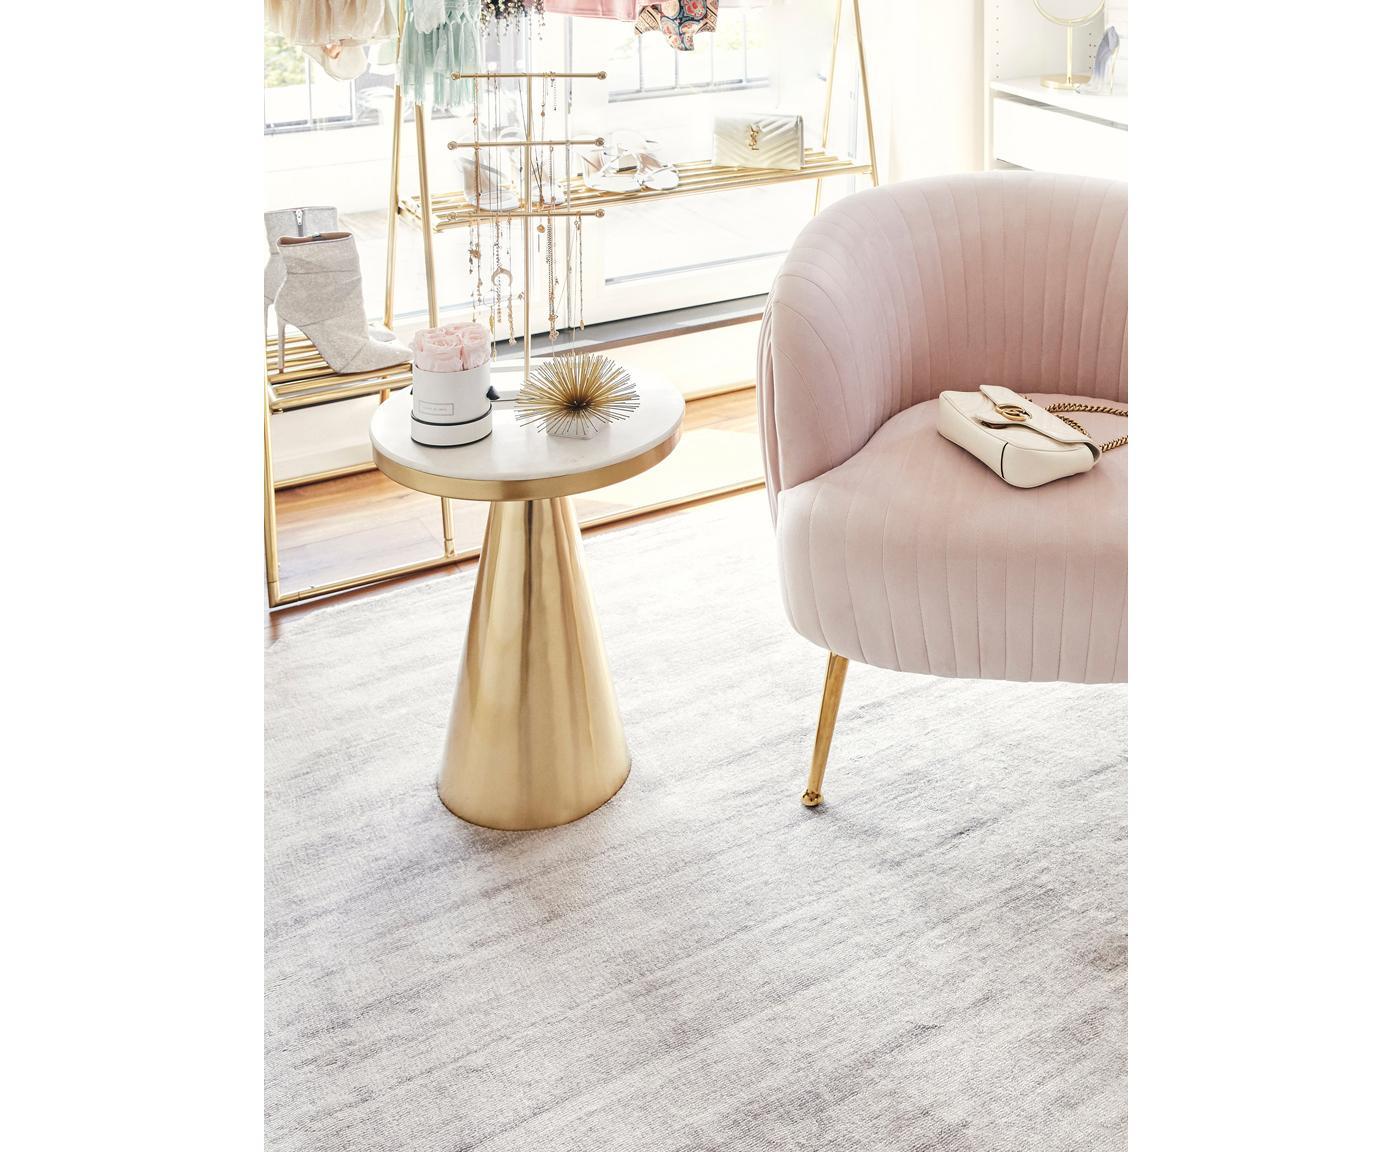 Viscose vloerkleed Jane Diamond, Bovenzijde: 100% viscose, Onderzijde: 100% katoen, Lichtgrijs-beige, 200 x 300 cm